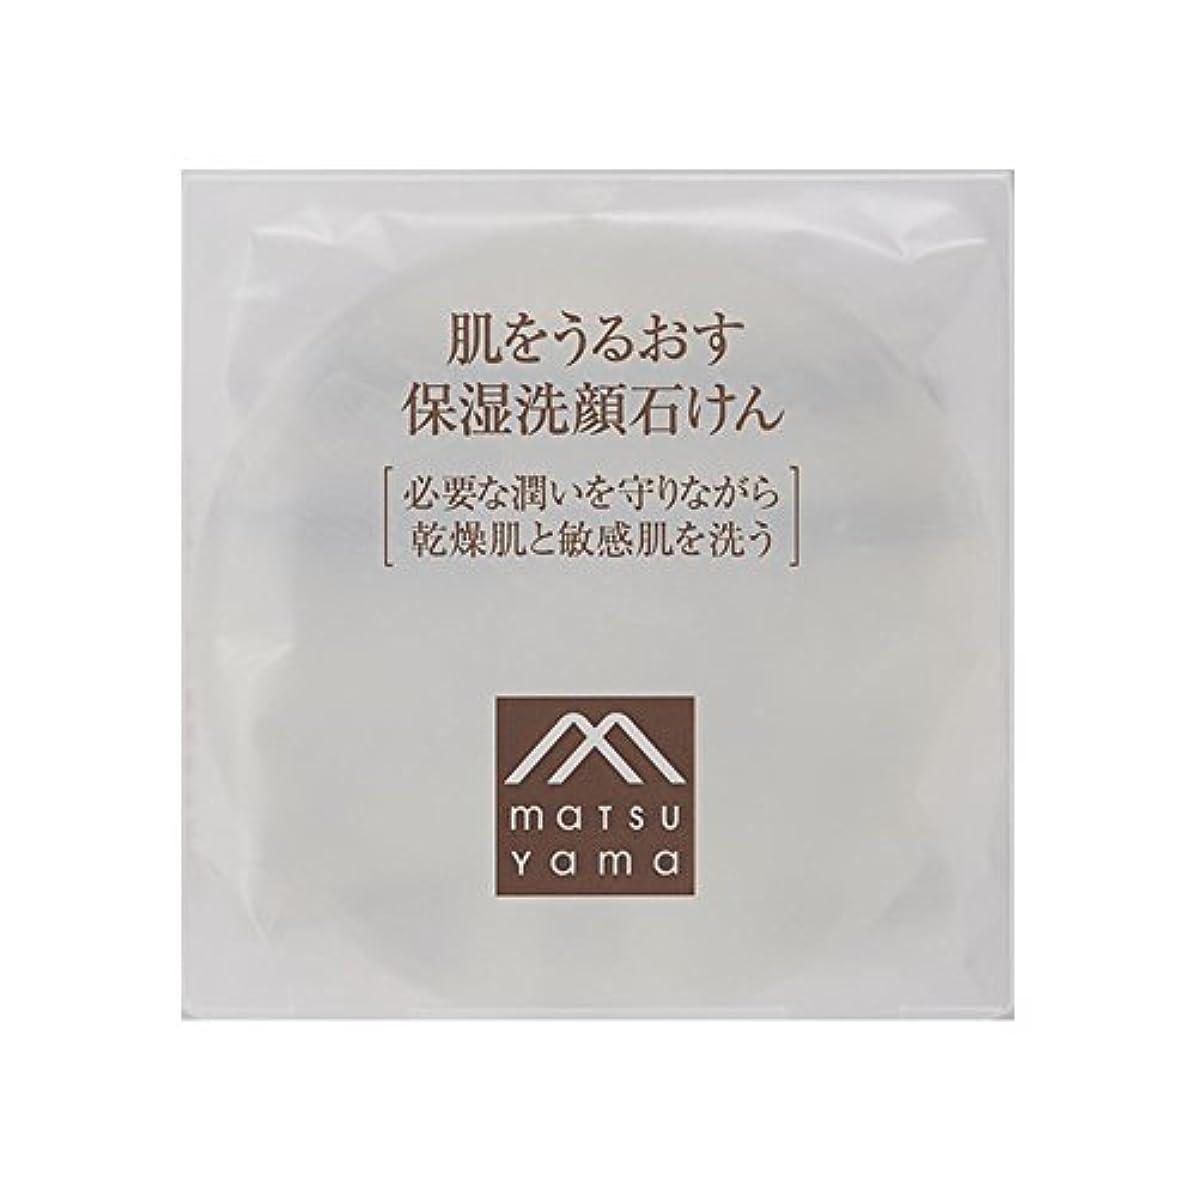 スカーフ崇拝するひらめき肌をうるおす保湿洗顔石けん(洗顔料) [乾燥肌 敏感肌]